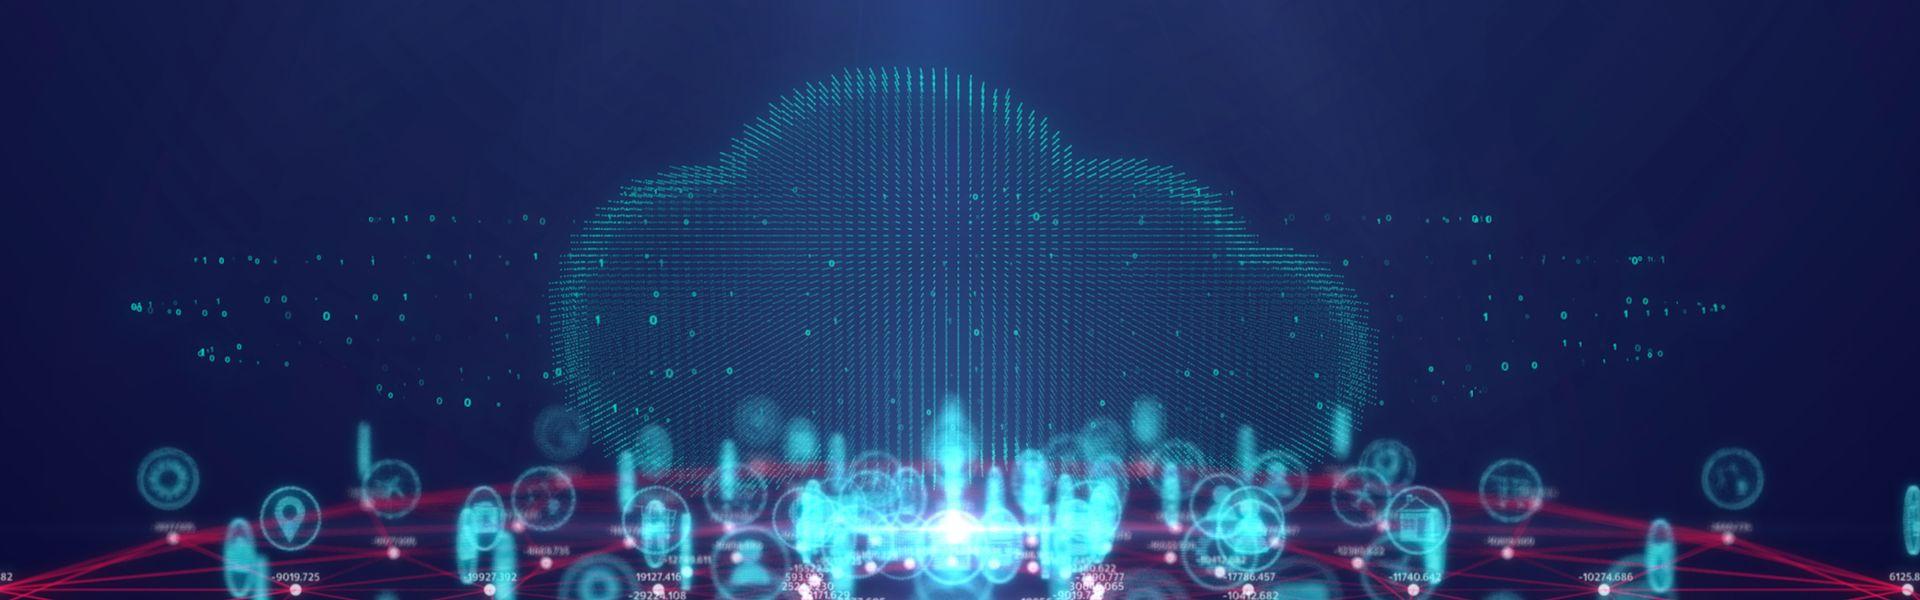 区块链技术_亚马逊大数据_原理